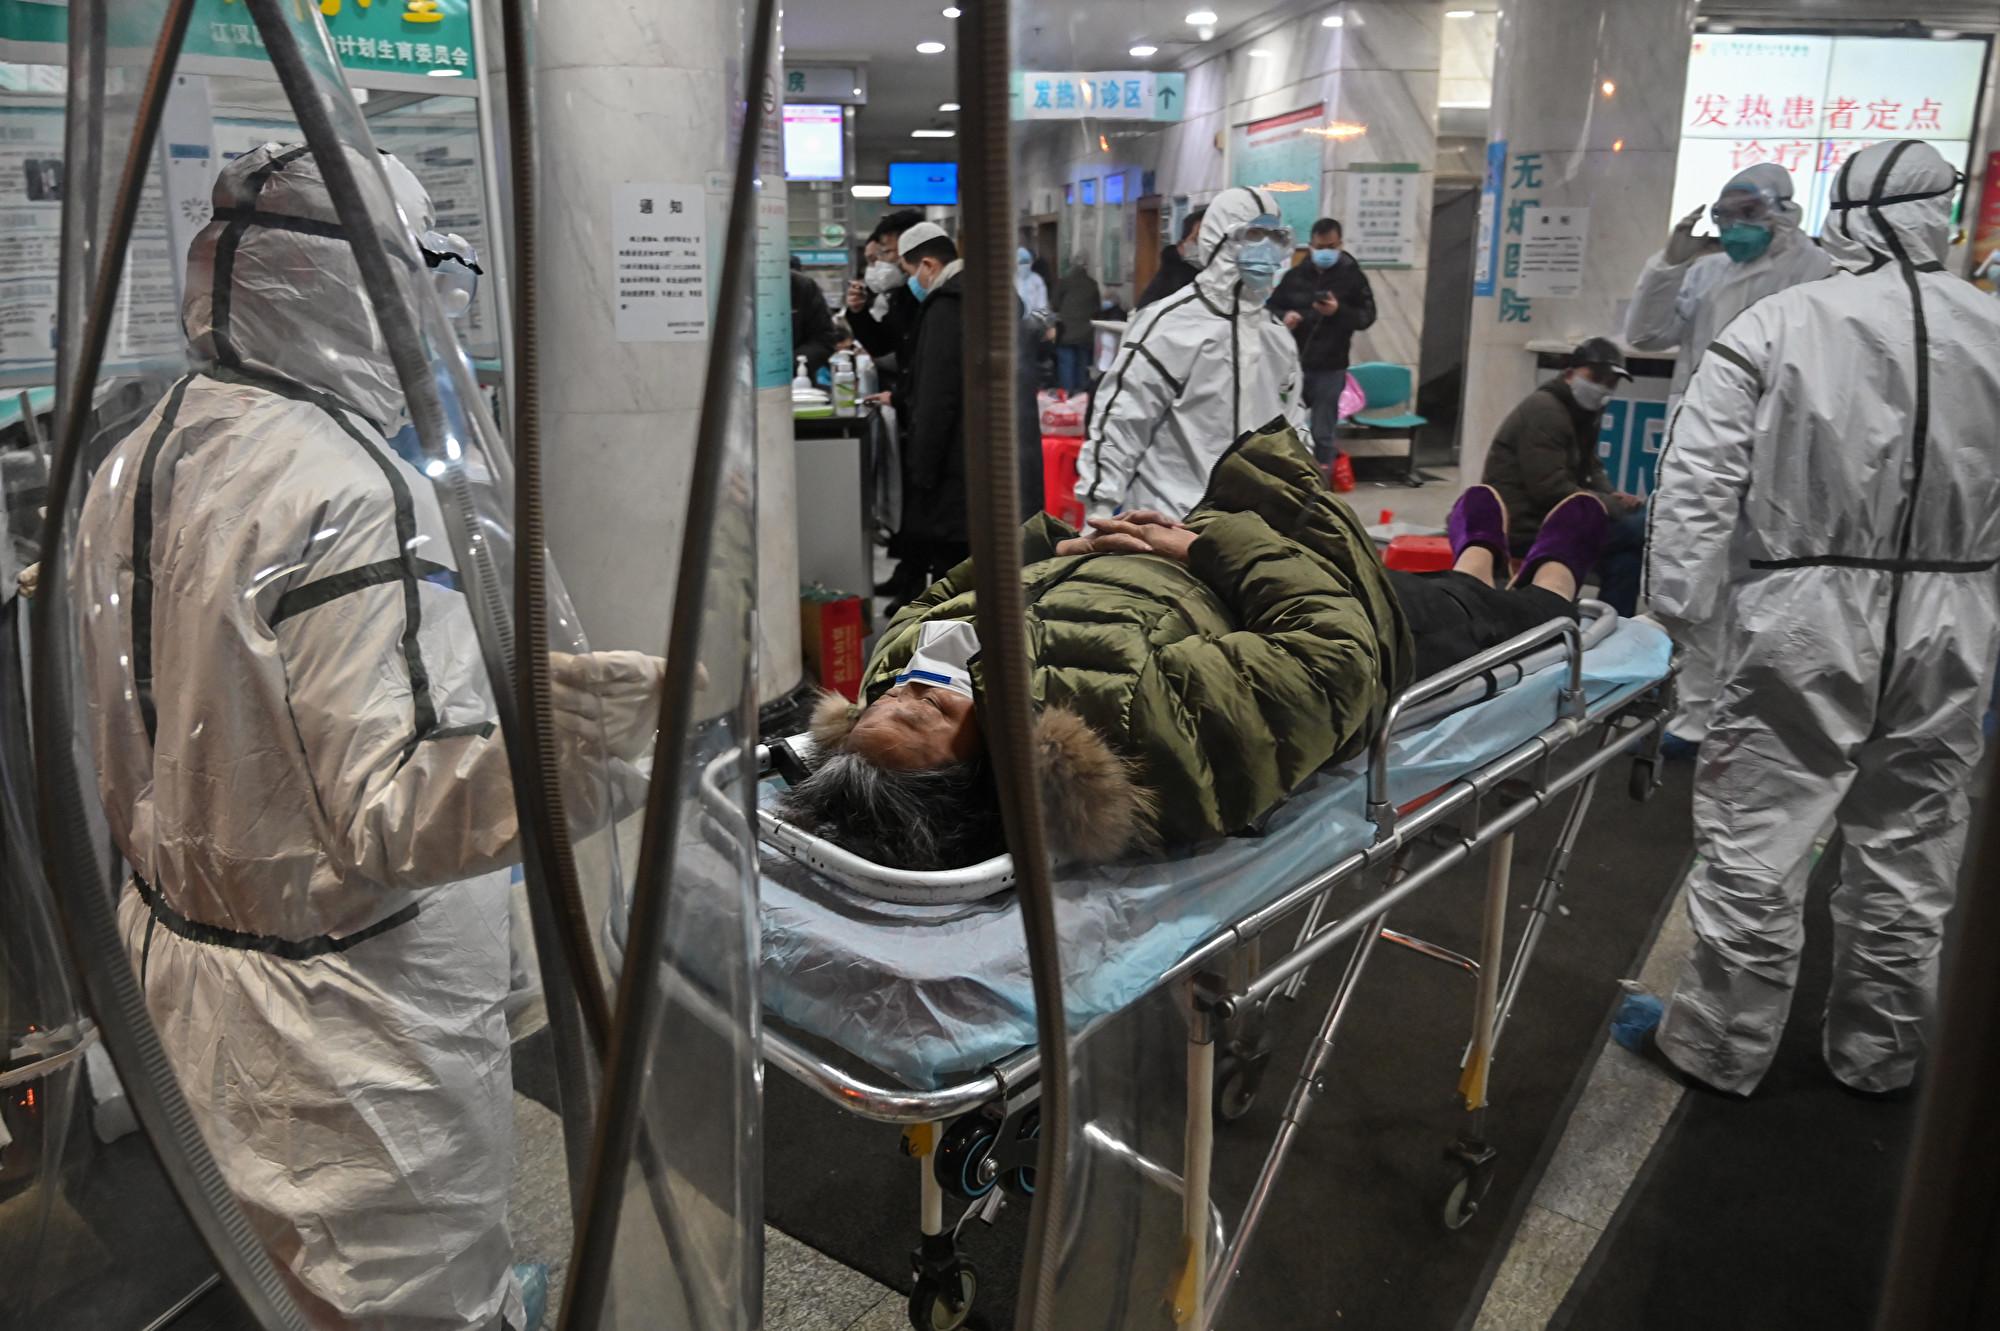 武漢肺炎有多嚴重 模型分析得出駭人數據